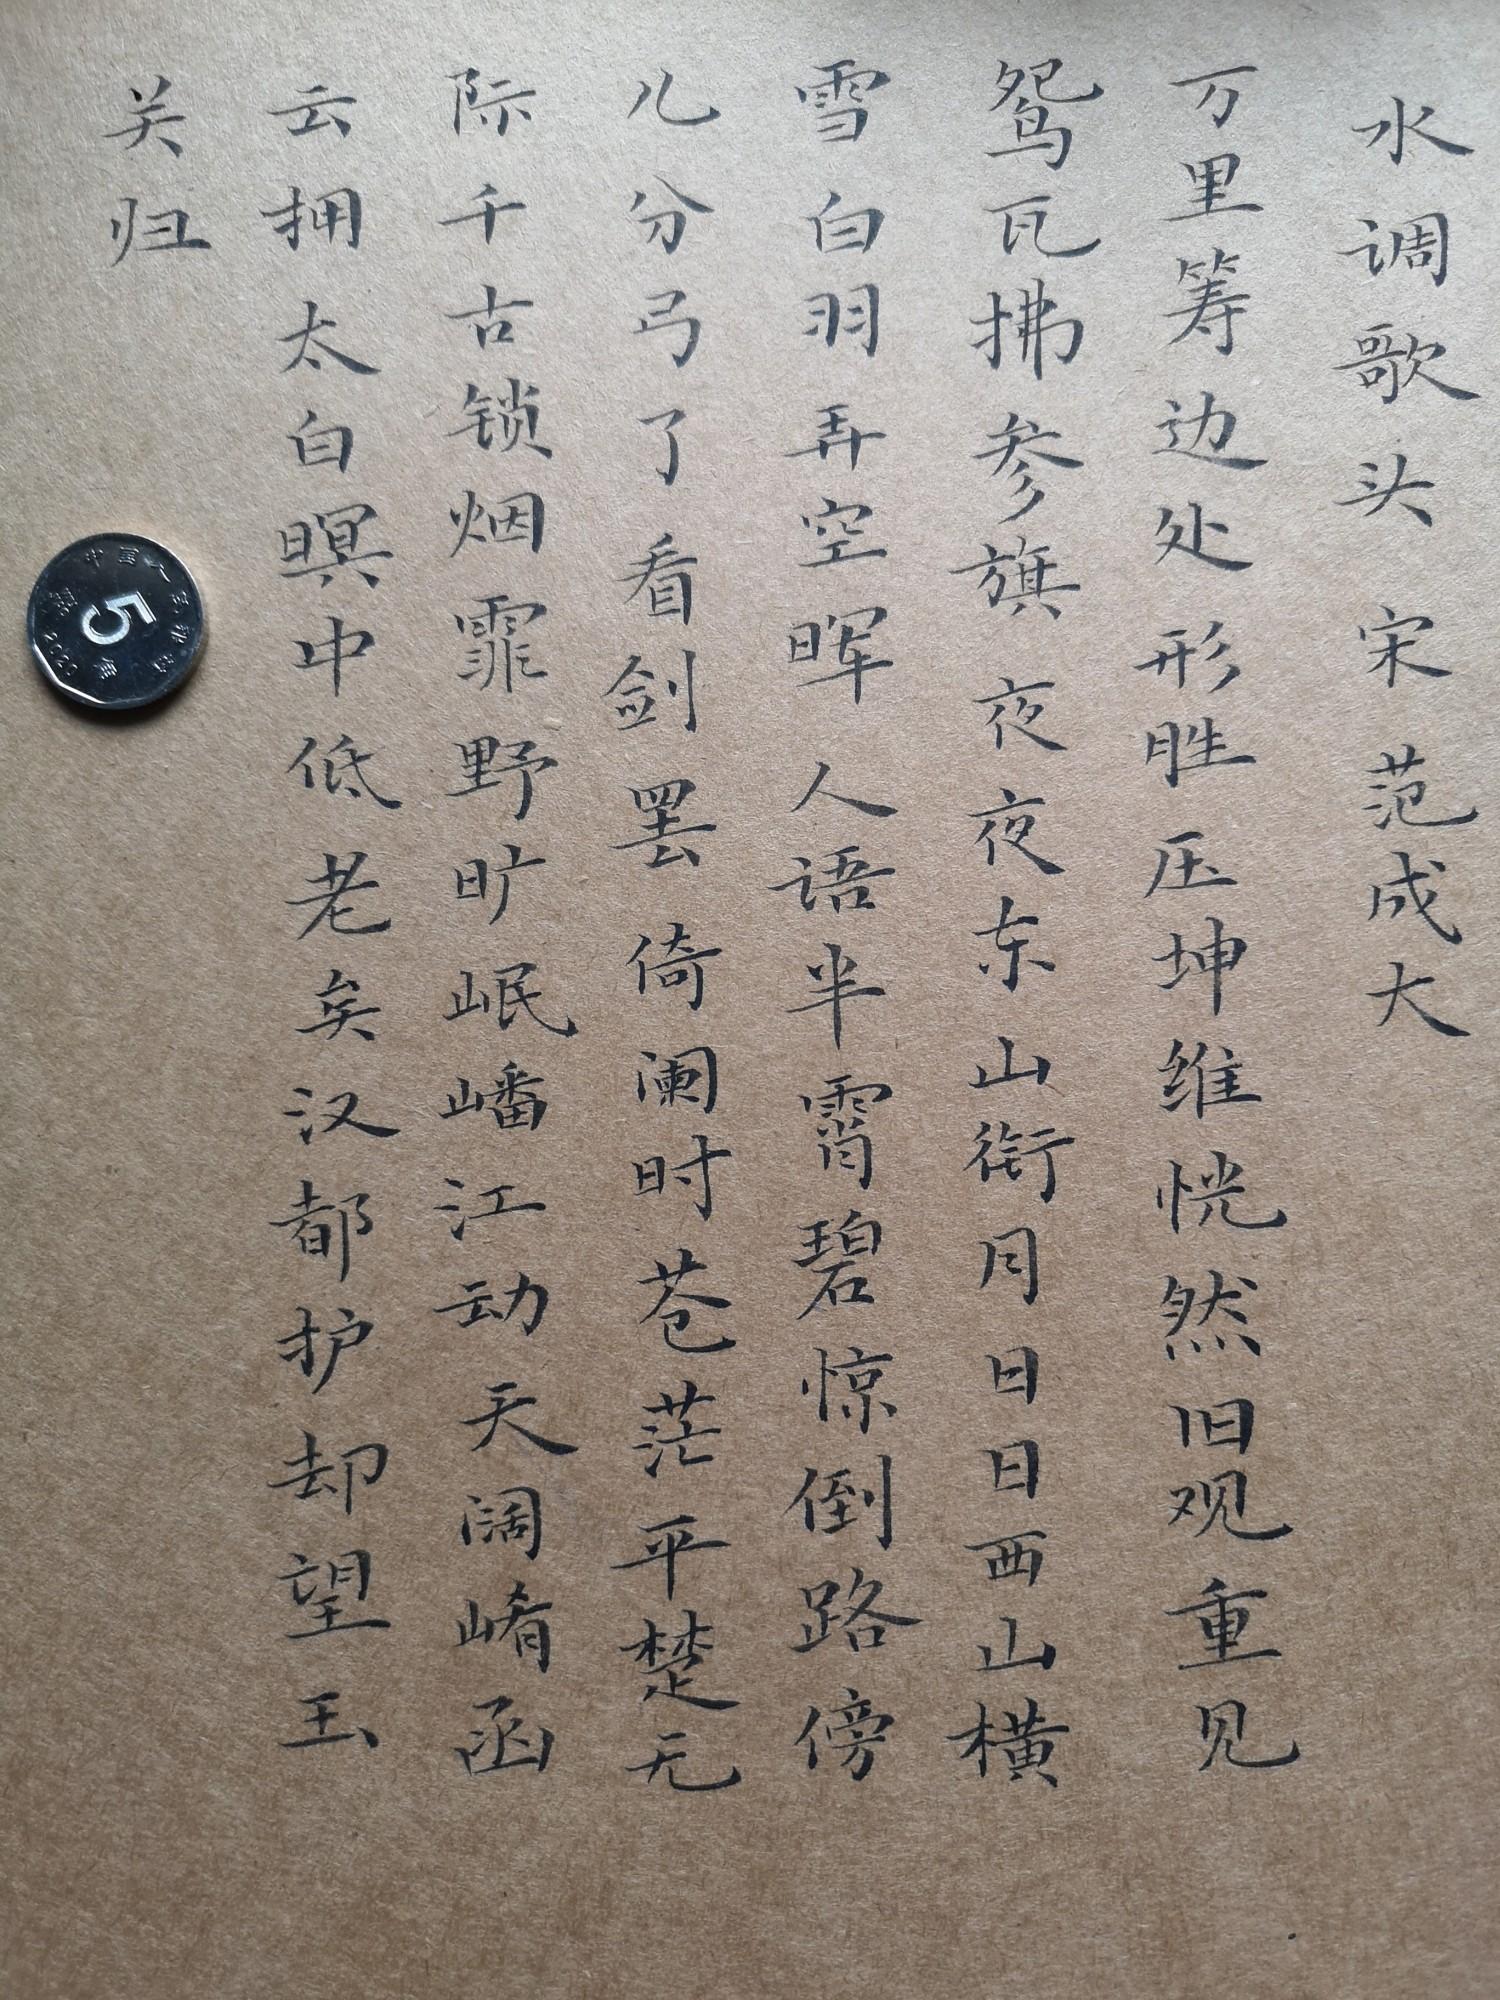 钢笔爱好者练字打卡20210413-11